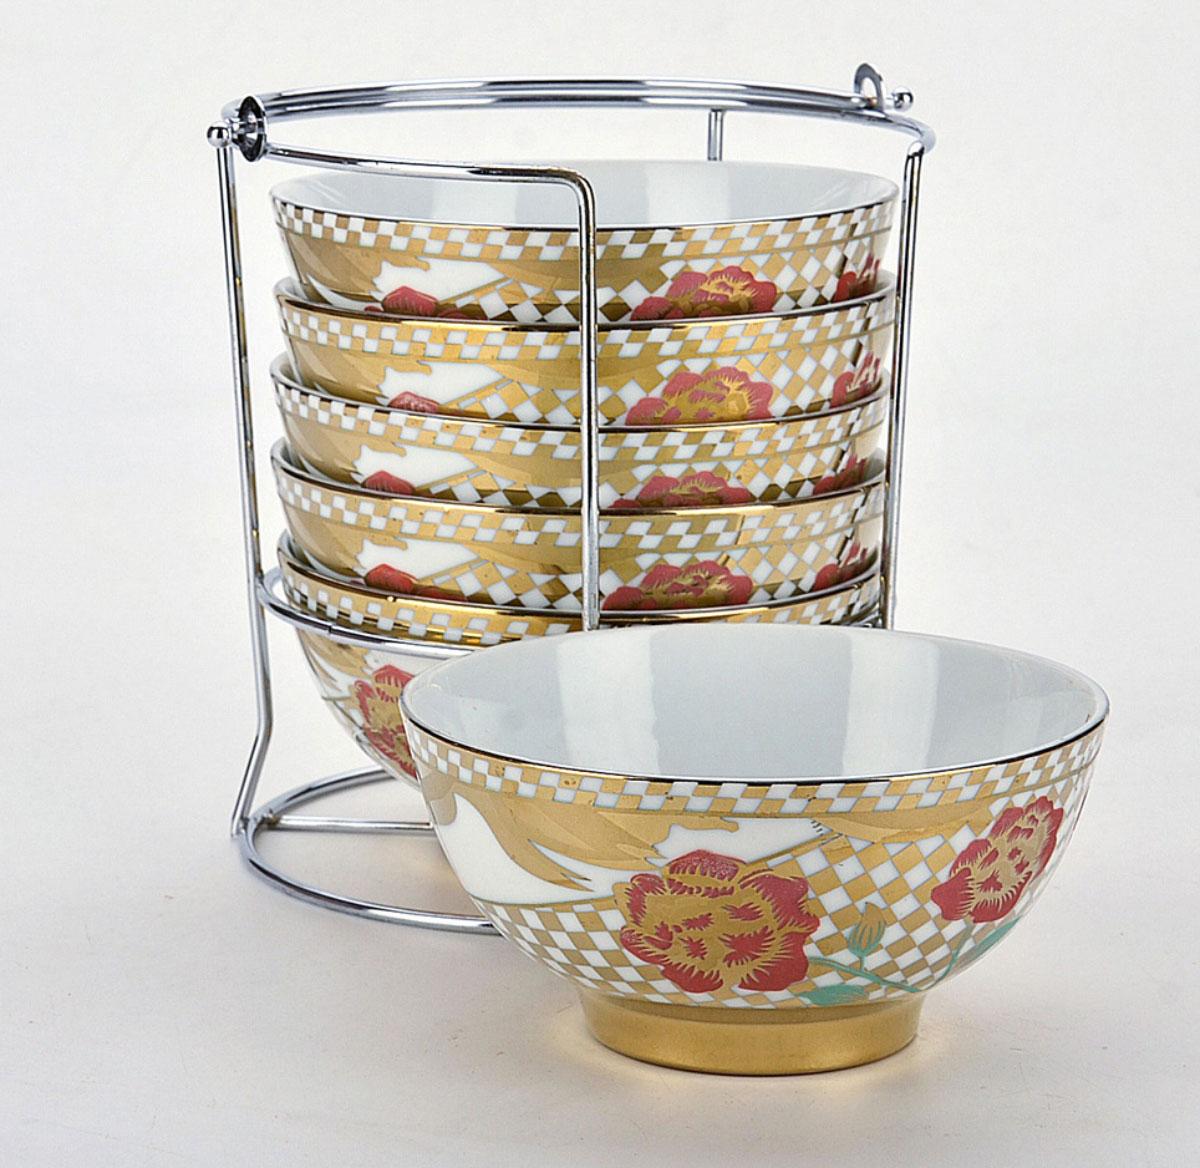 Набор салатников Loraine, с подставкой, 325 мл, 7 предметов4226Набор состоит из шести салатников, изготовленных из керамики, с нежным цветочным рисунком, который придает посуде особый шарм. Также в наборе идет подставка под салатники из нержавеющей стали.Диаметр салатника: 12,5 см.Высота салатника: 7 см.Объем салатника: 325 мл.